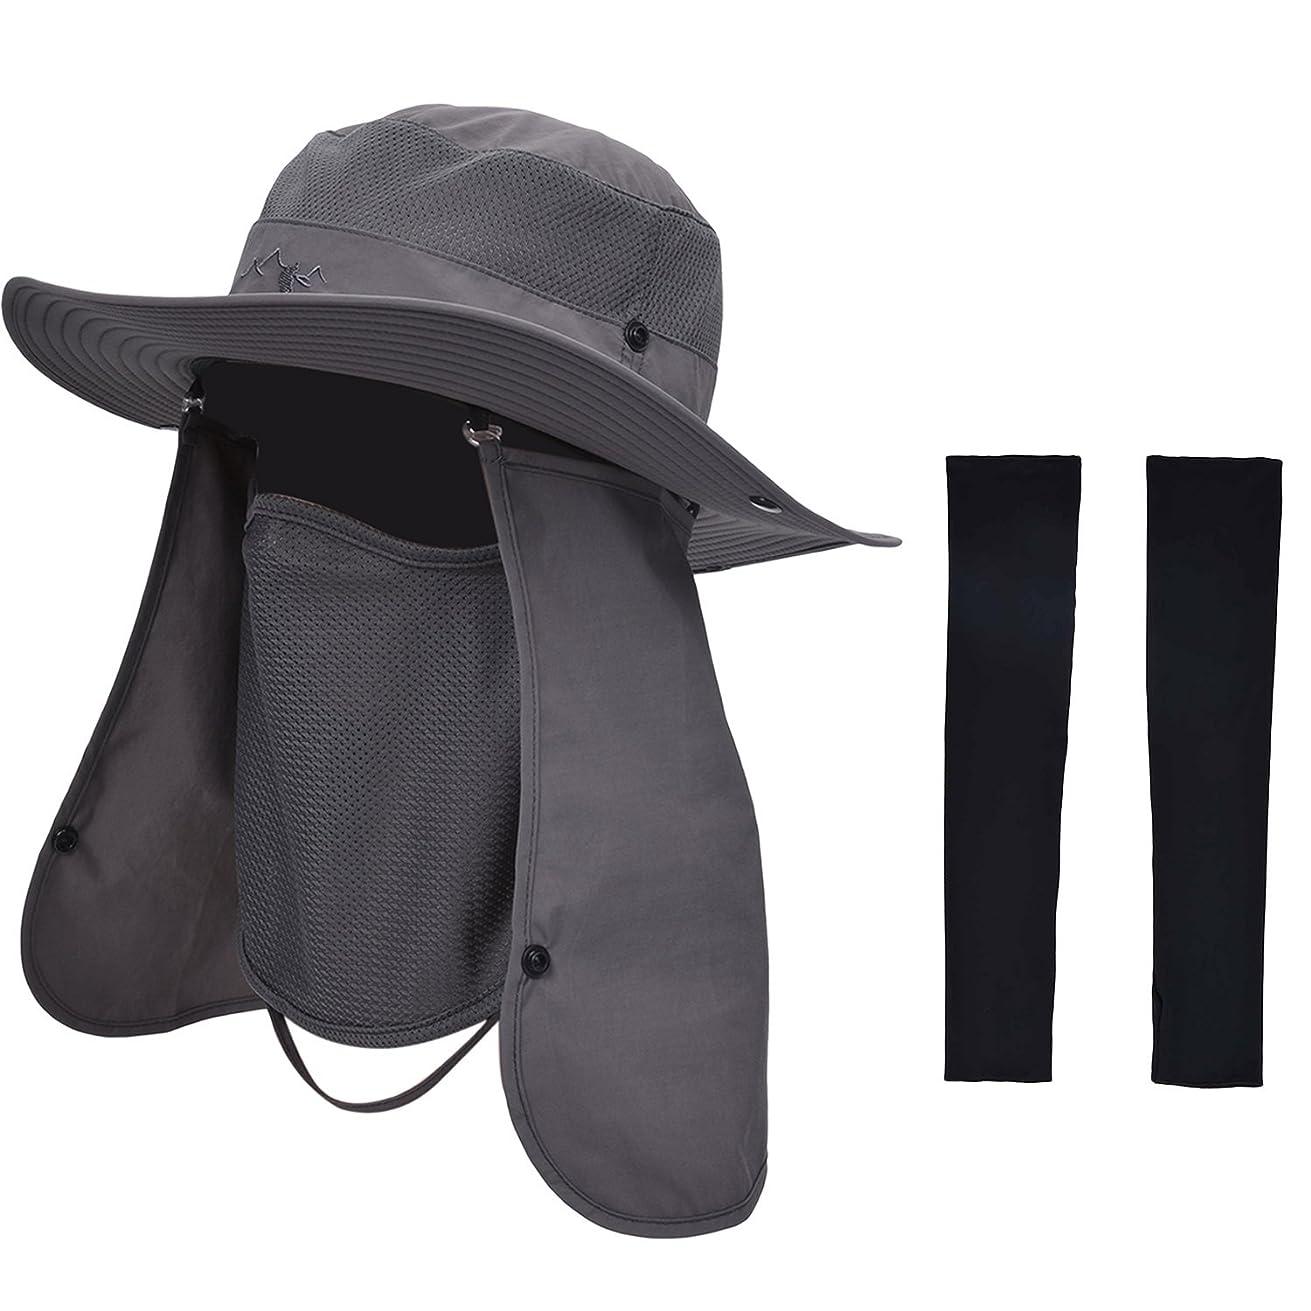 スパン抽象化ピューZoylink 釣り用帽子 1ペア 日焼け防止スリーブ 夏 アウトドア 日焼け防止 幅広つば 取り外し可能 メッシュネックフェース フラップ 釣りキャップ メンズ